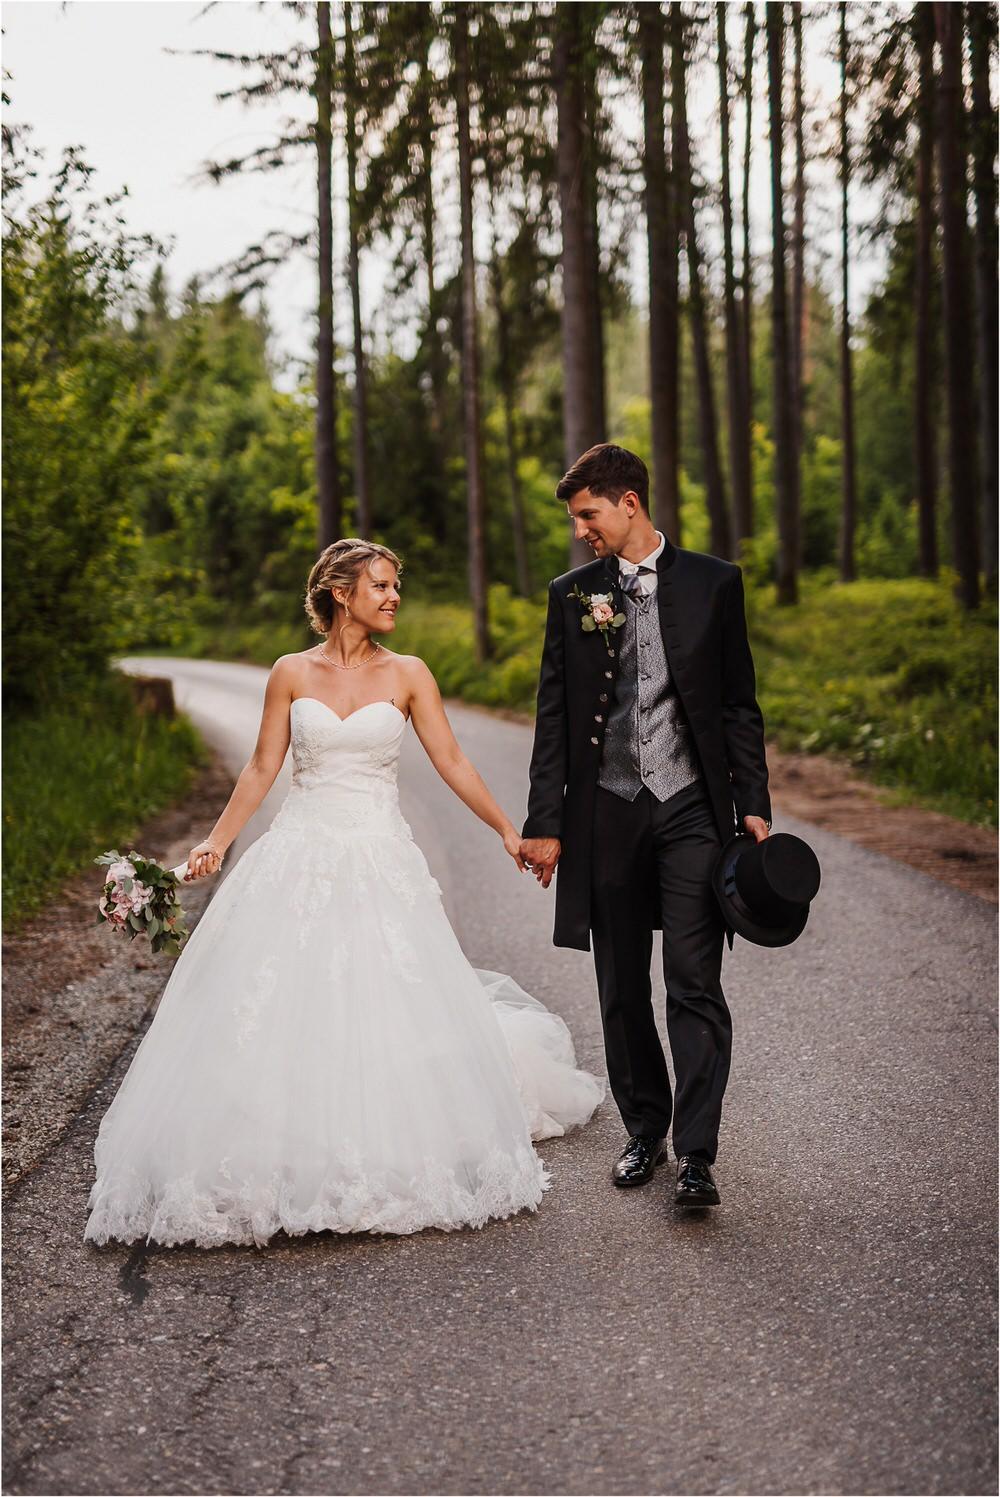 trippelgut kaernten oesterreich hochzeit fotograf phtoographer austria elegant wedding hochzeitsfotograf hochzeitsfotografie 0113.jpg